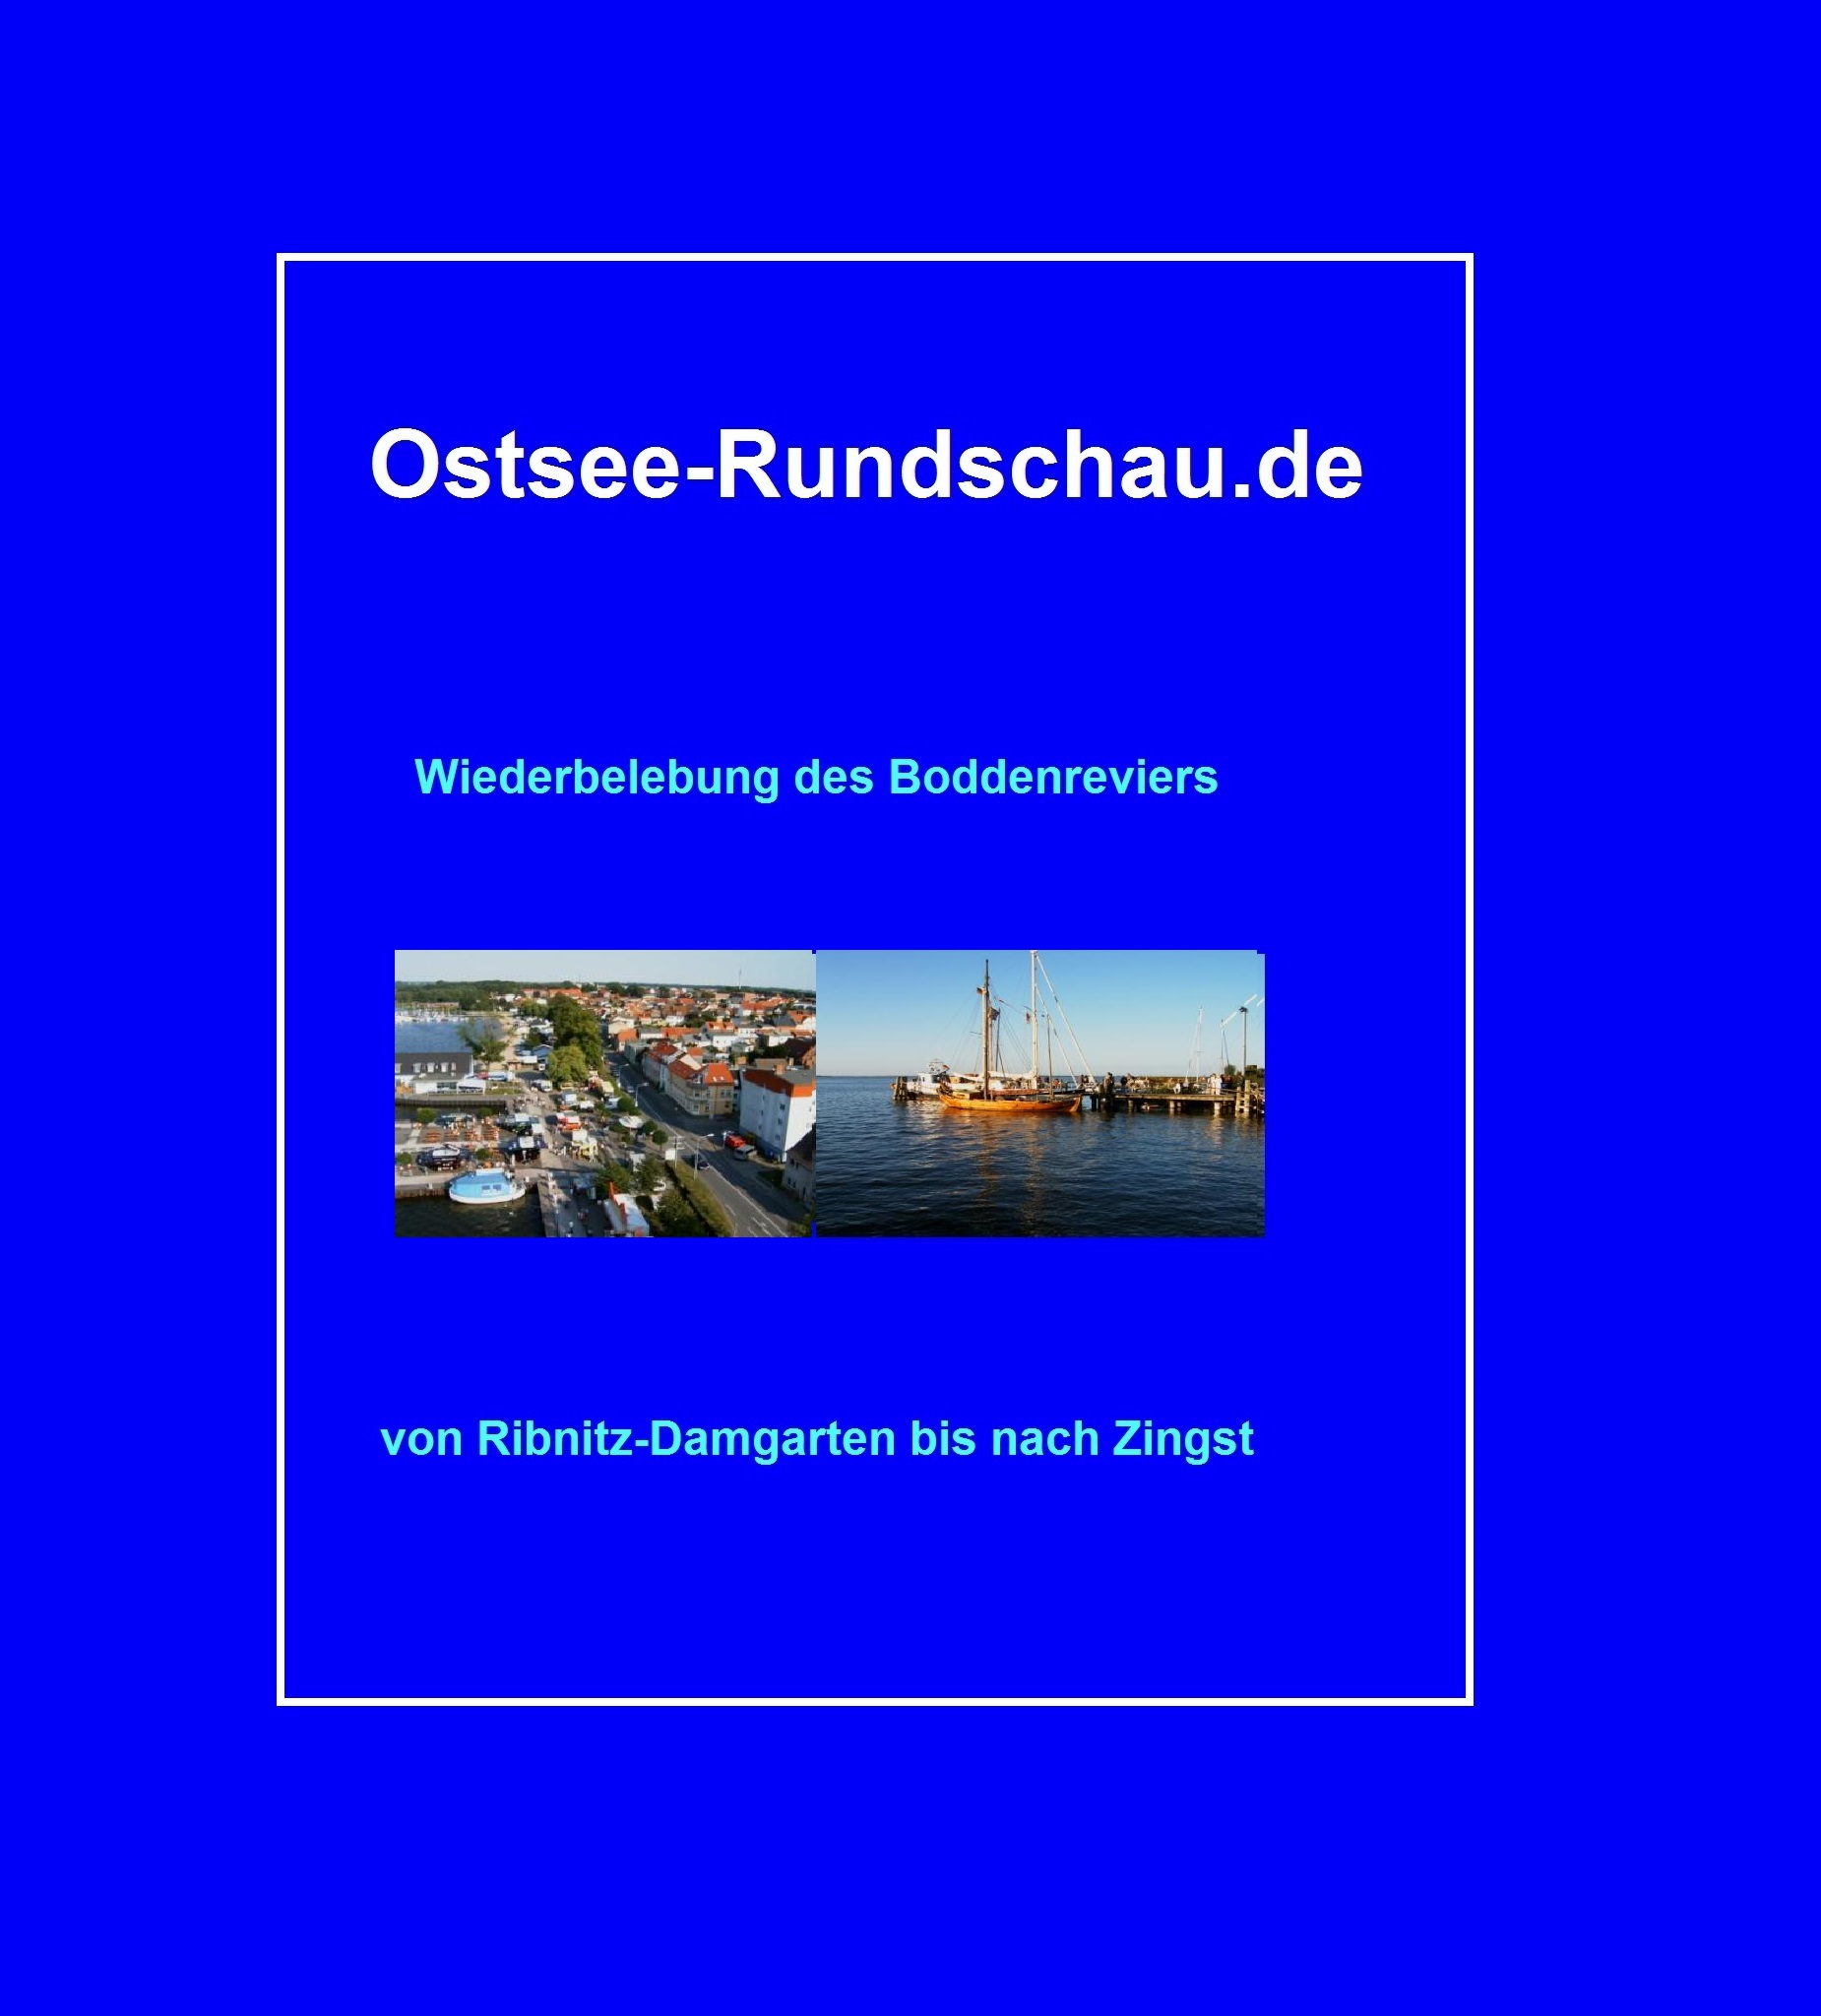 Wiederbelebung des Boddenreviers von Ribnitz-Damgarten bis nach Zingst - eine NUOZ-Sonderseite auf Ostsee-Rundschau.de